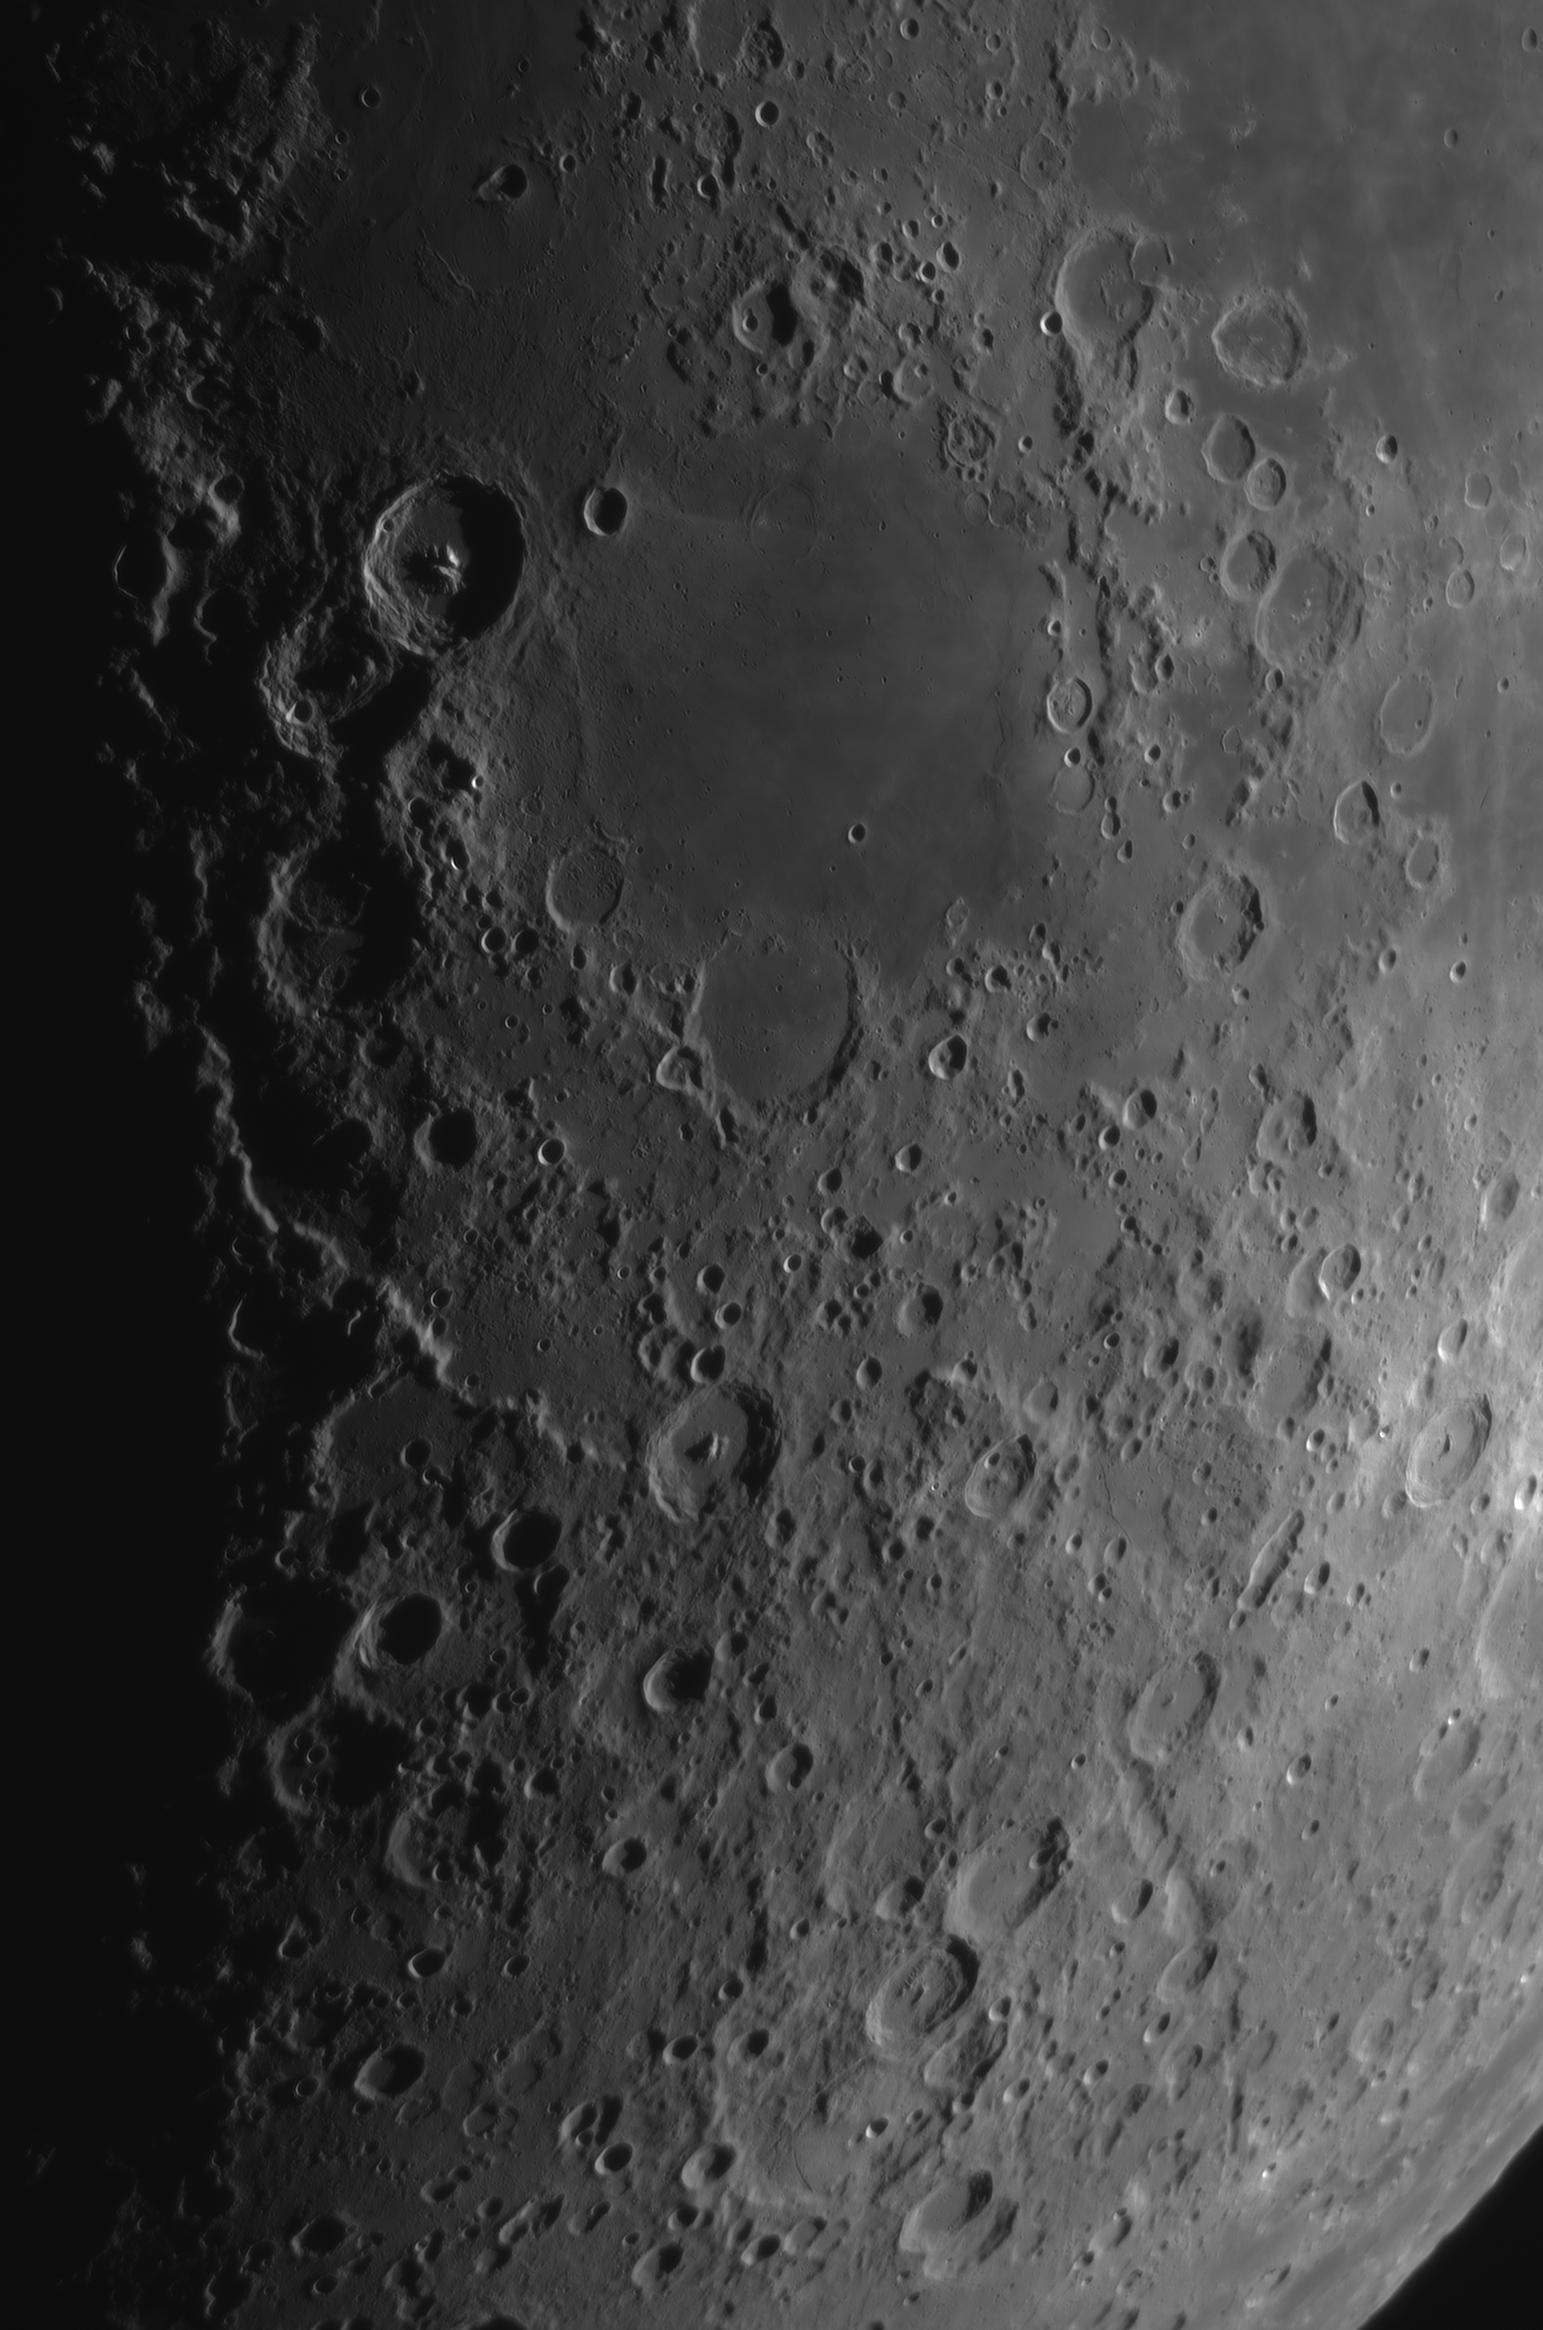 La Lune - Page 11 Nectar11